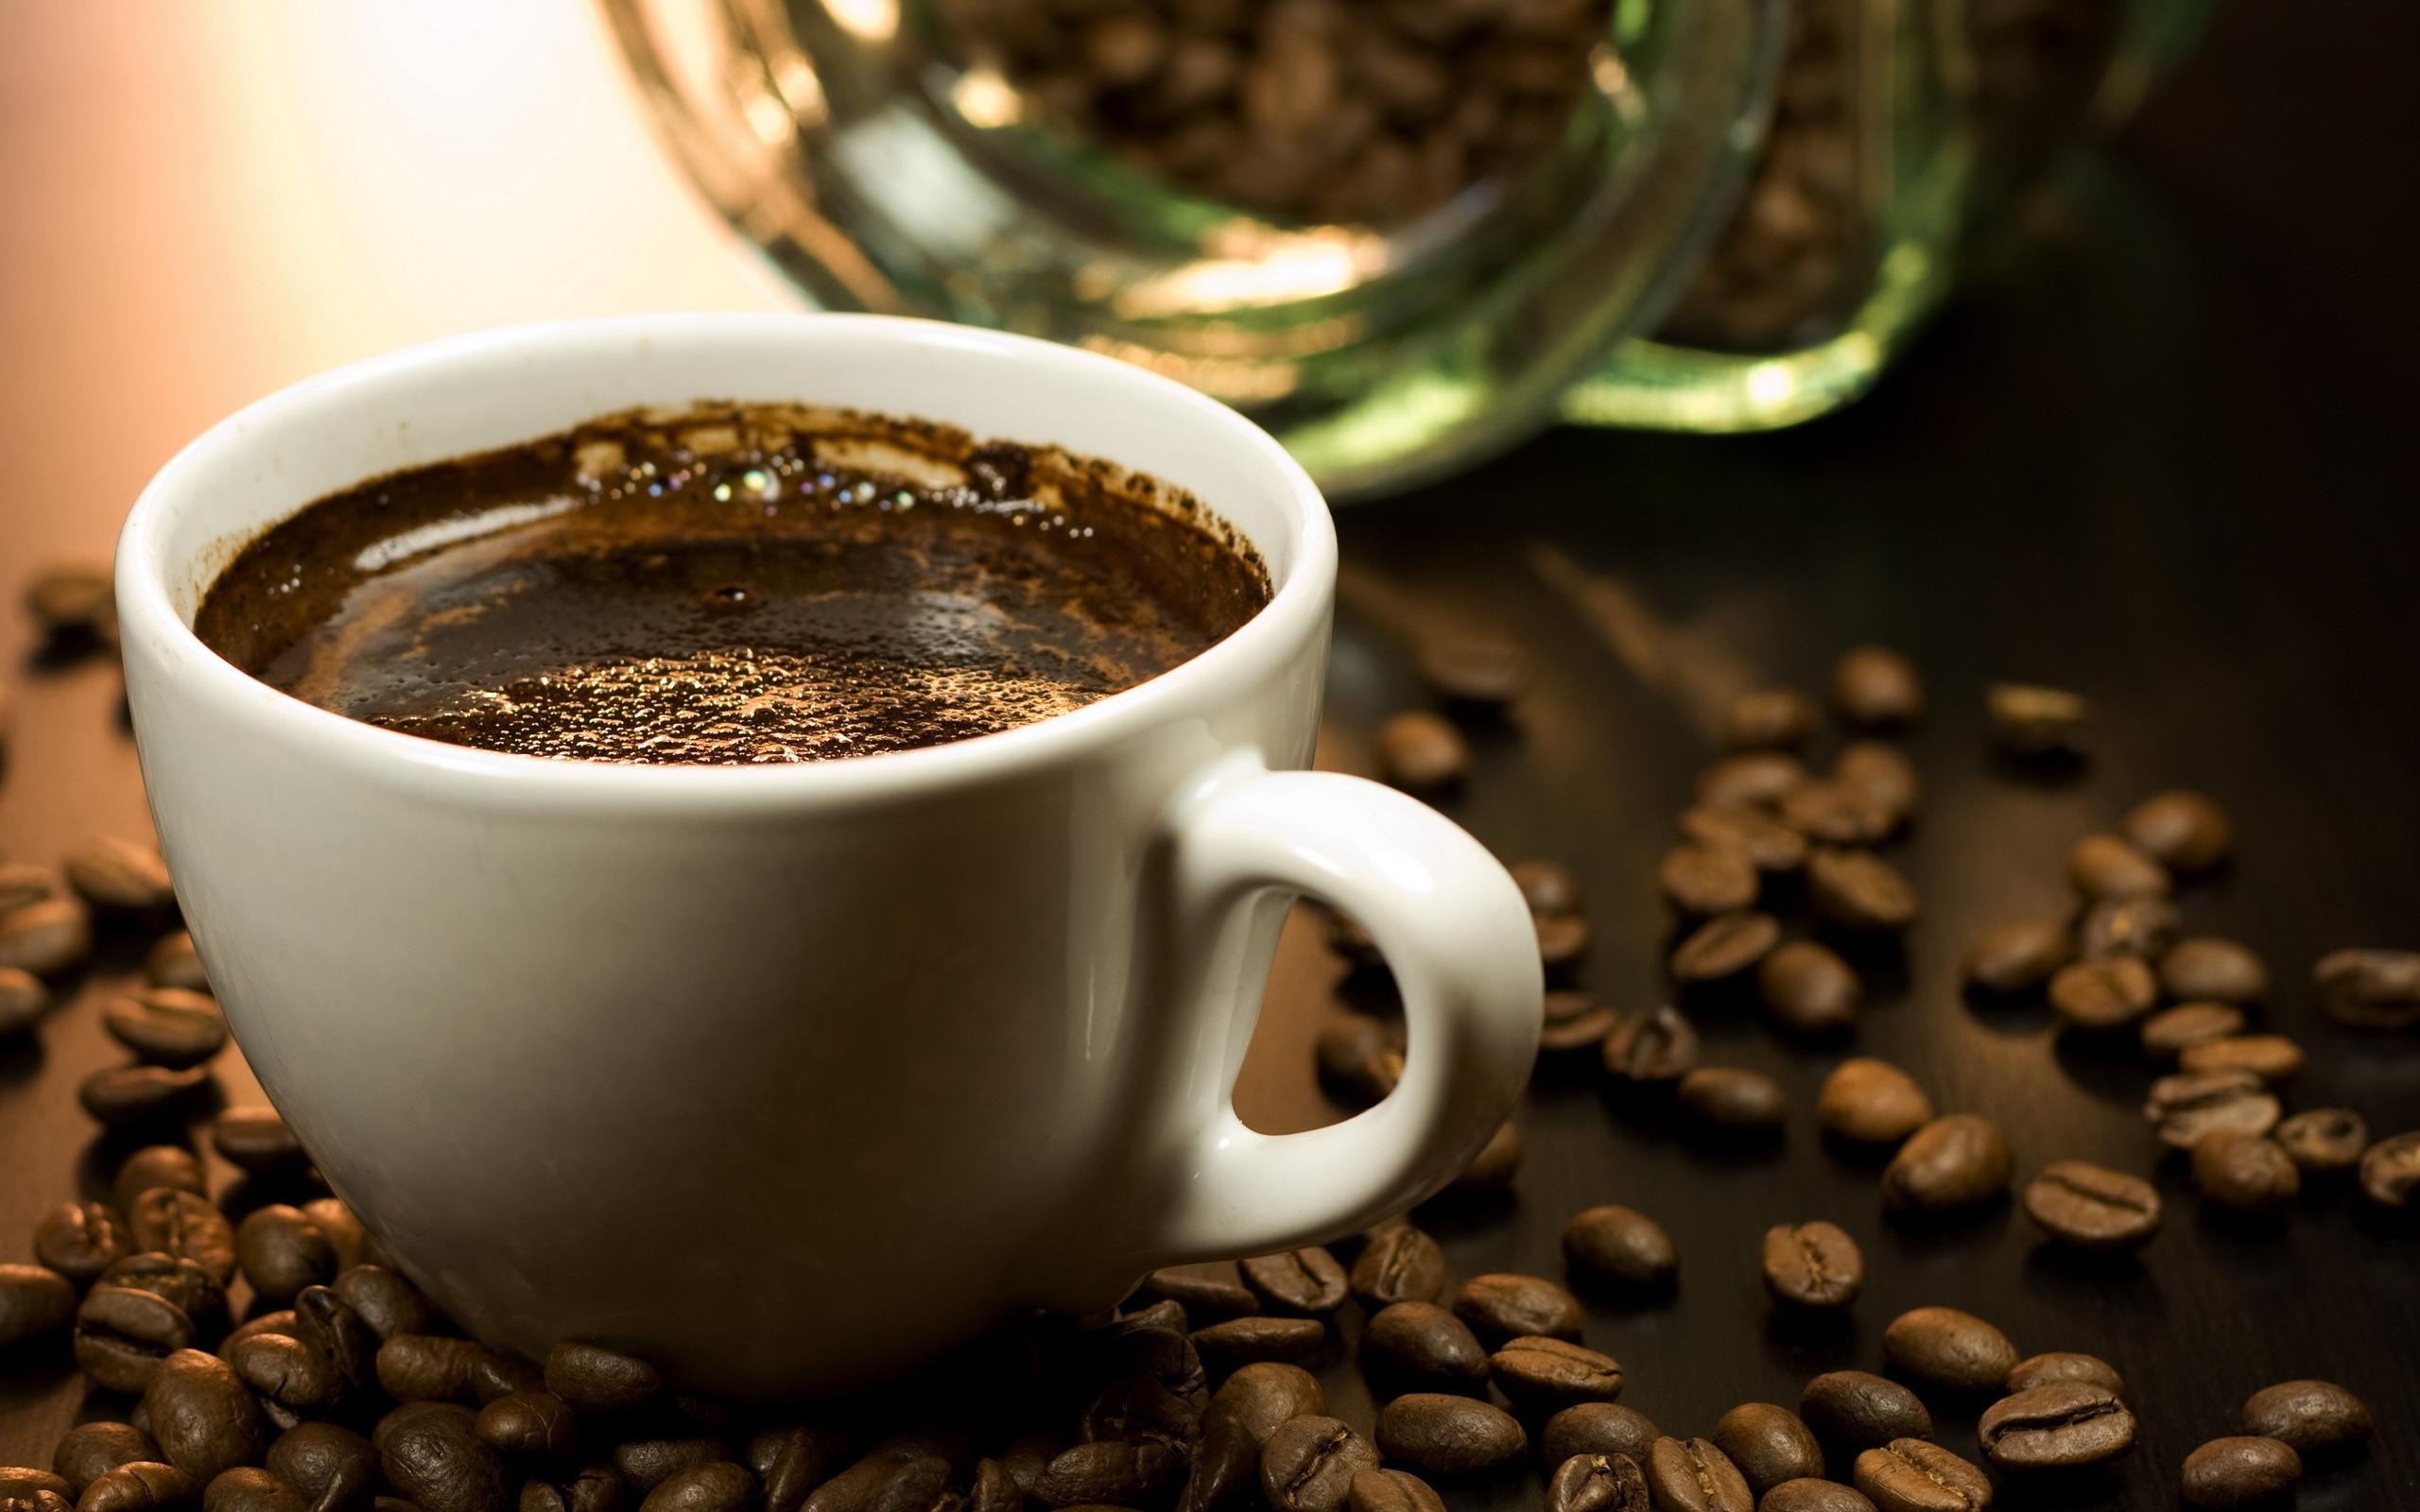 кофе кофейные напитки картинки широкоформатные